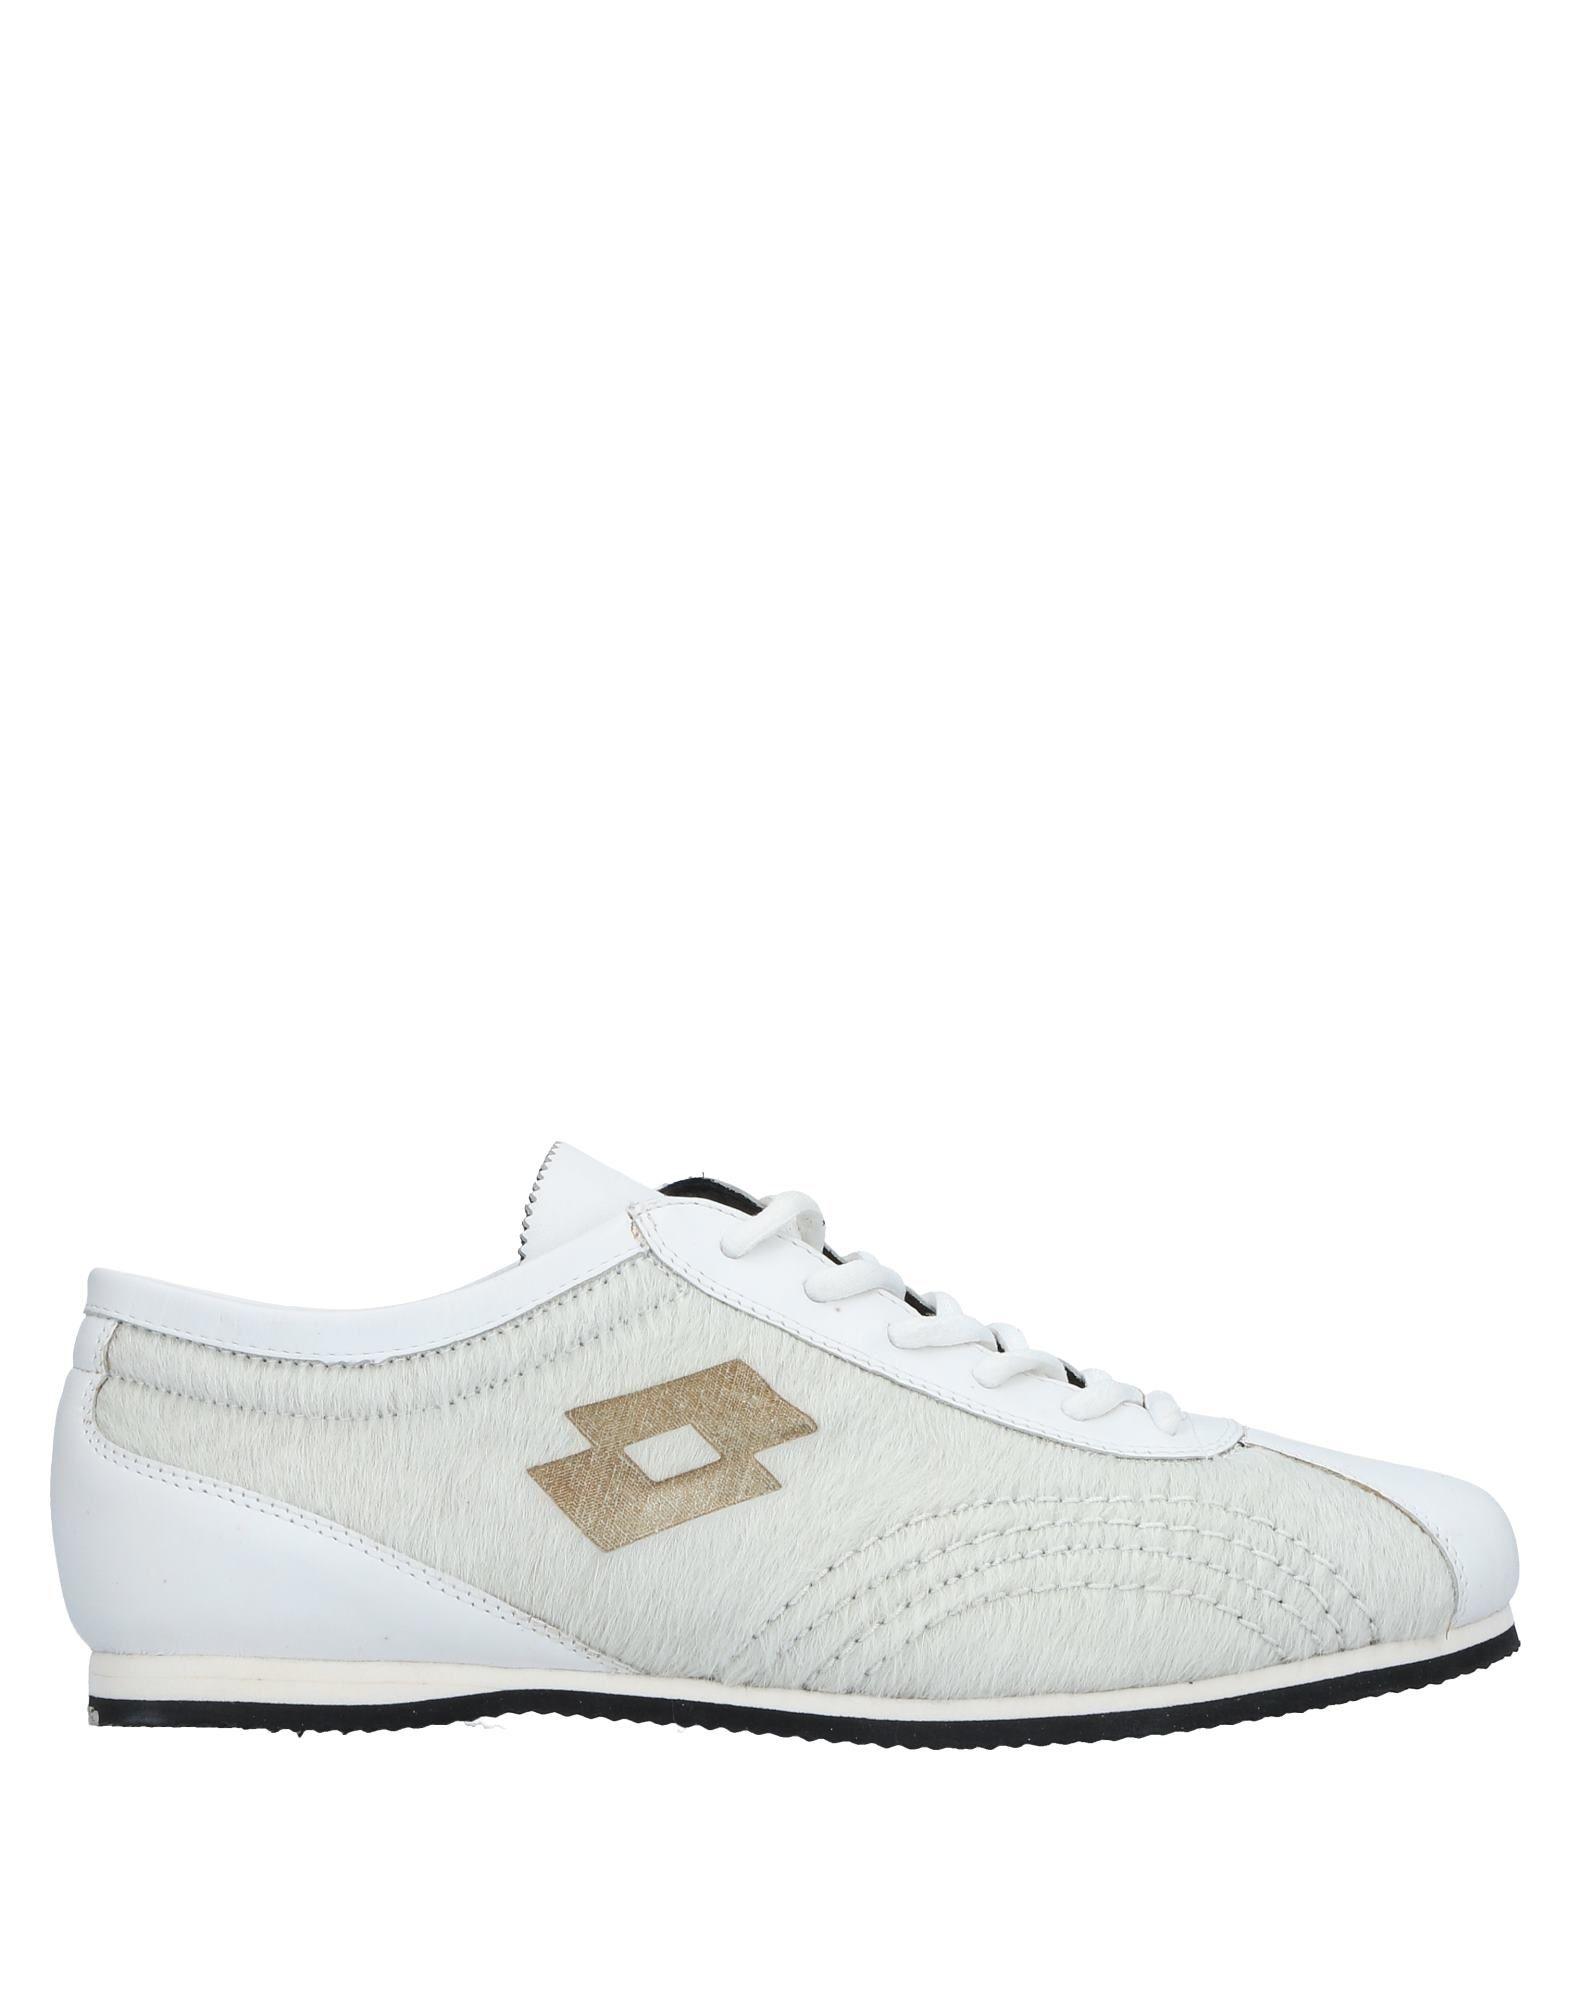 Sneakers Lotto Leggenda Donna - 11530512GM